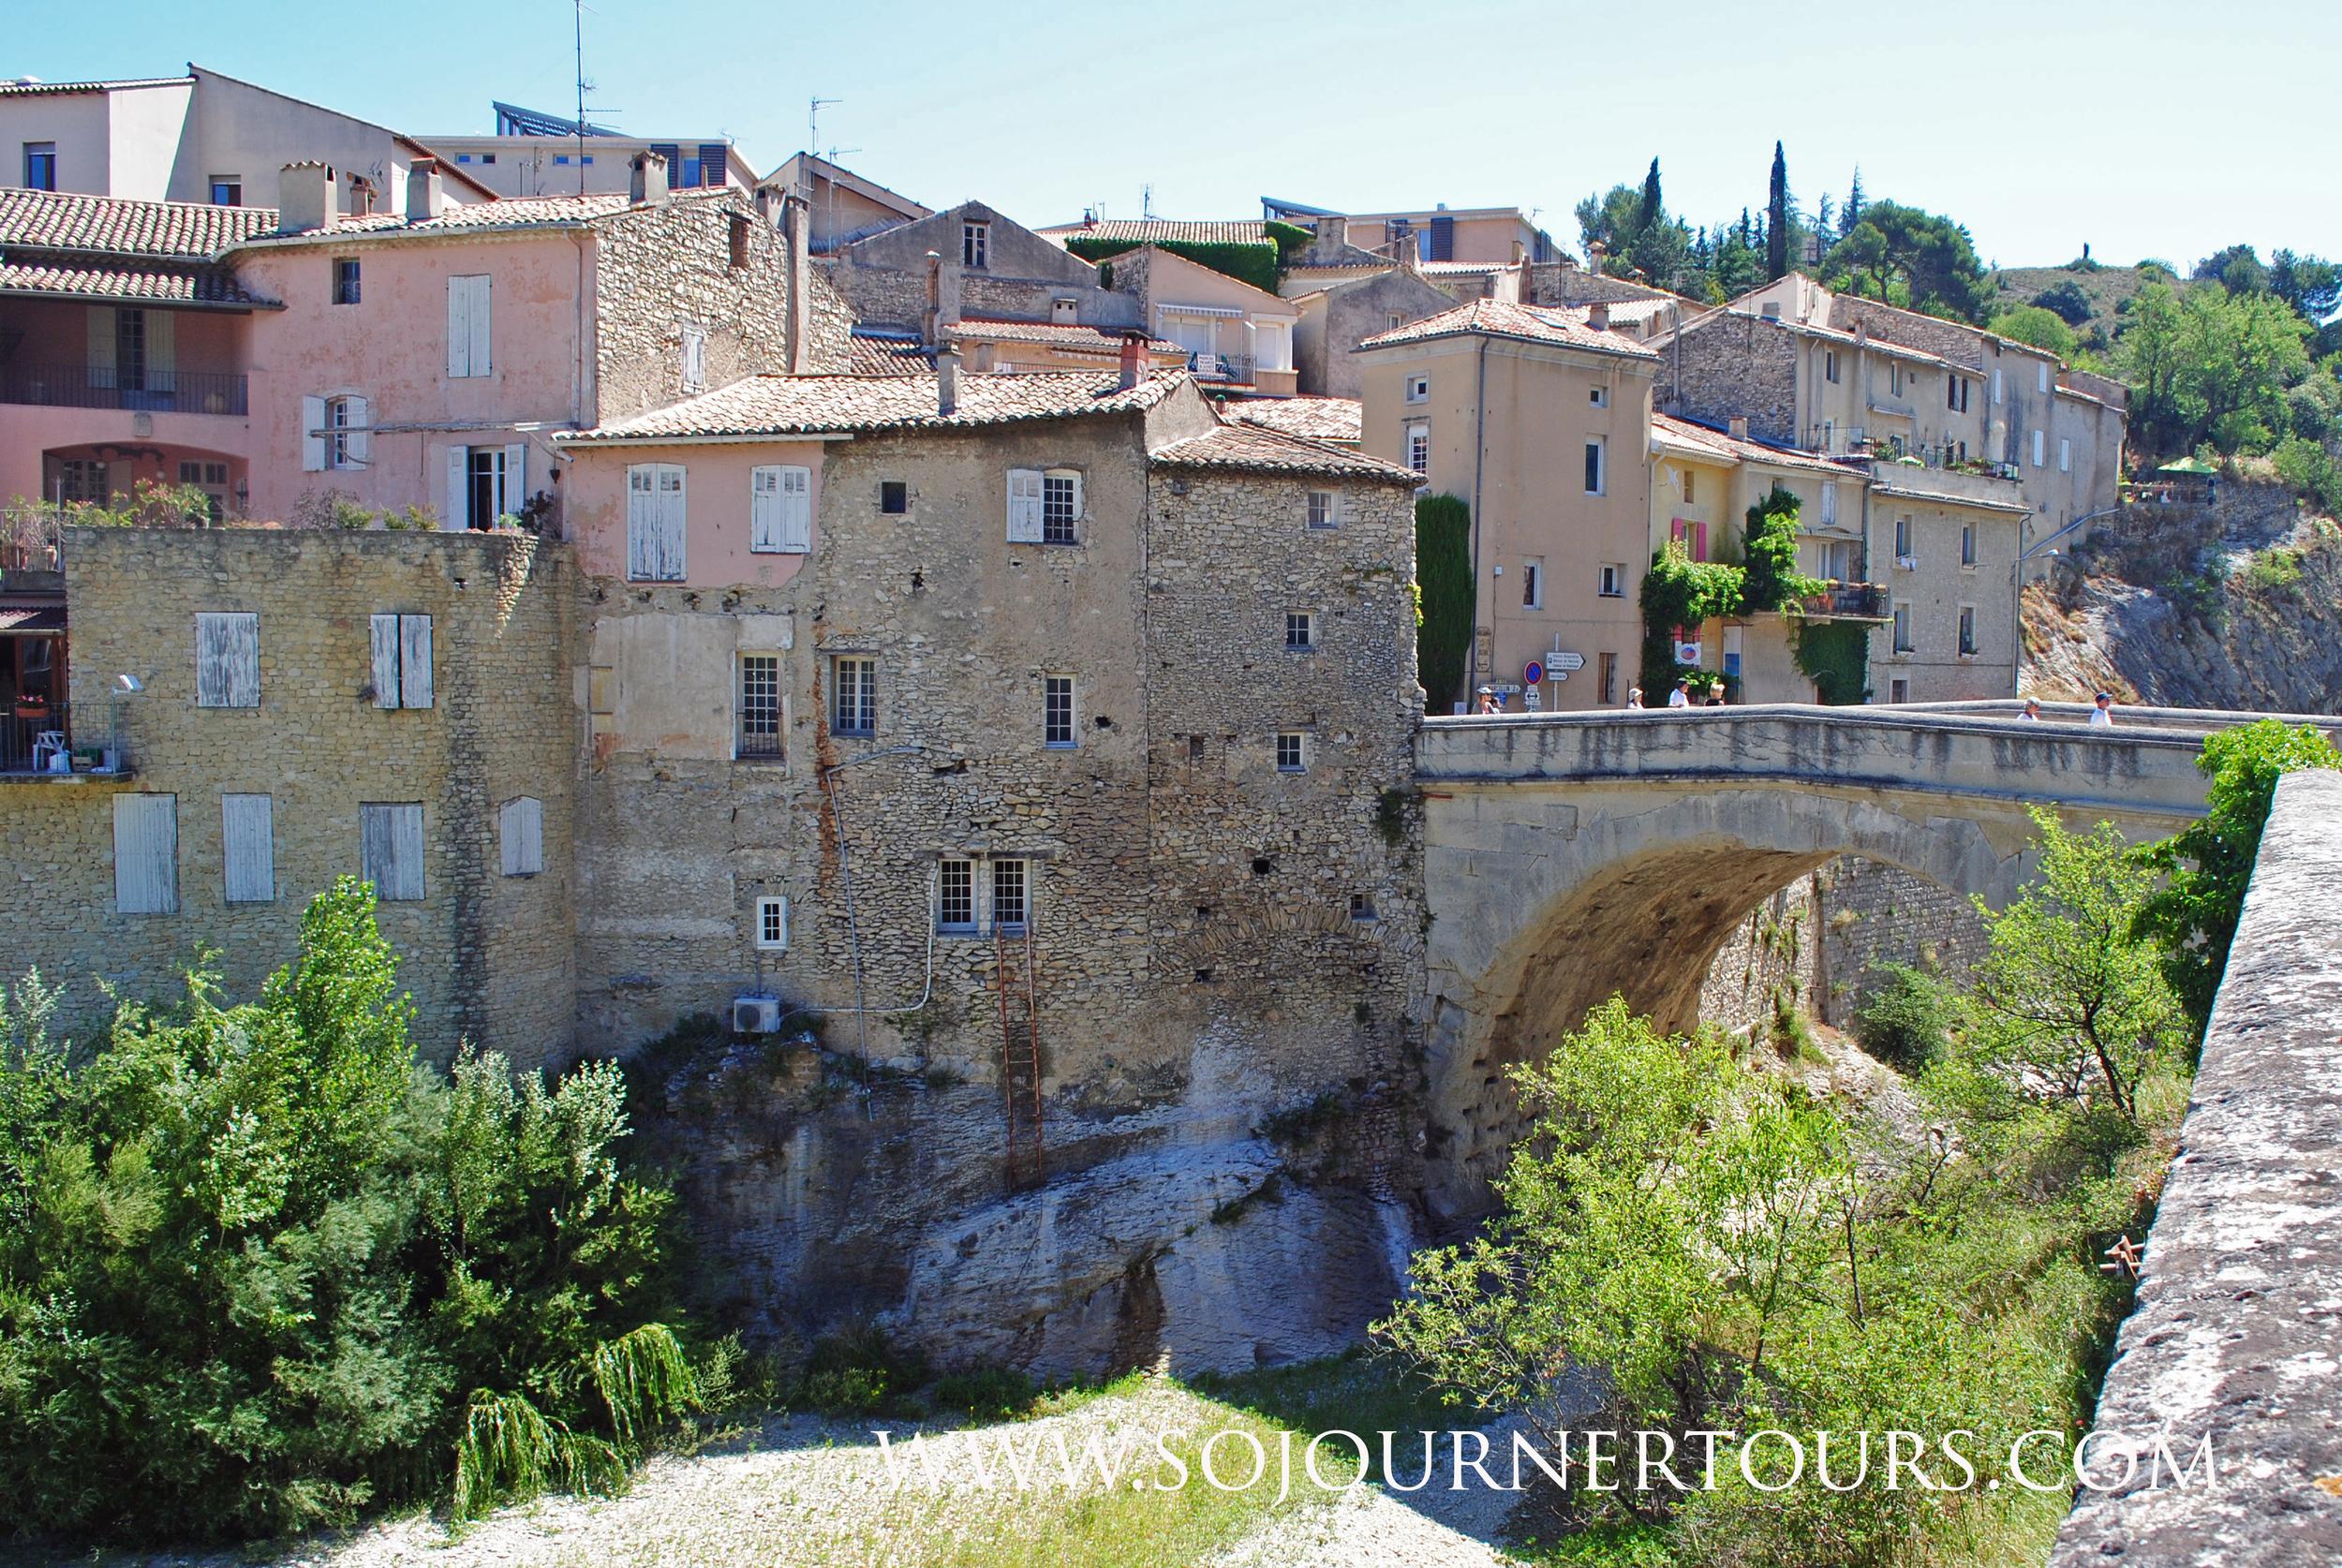 Vaison la Romaine: Sojourner Tours